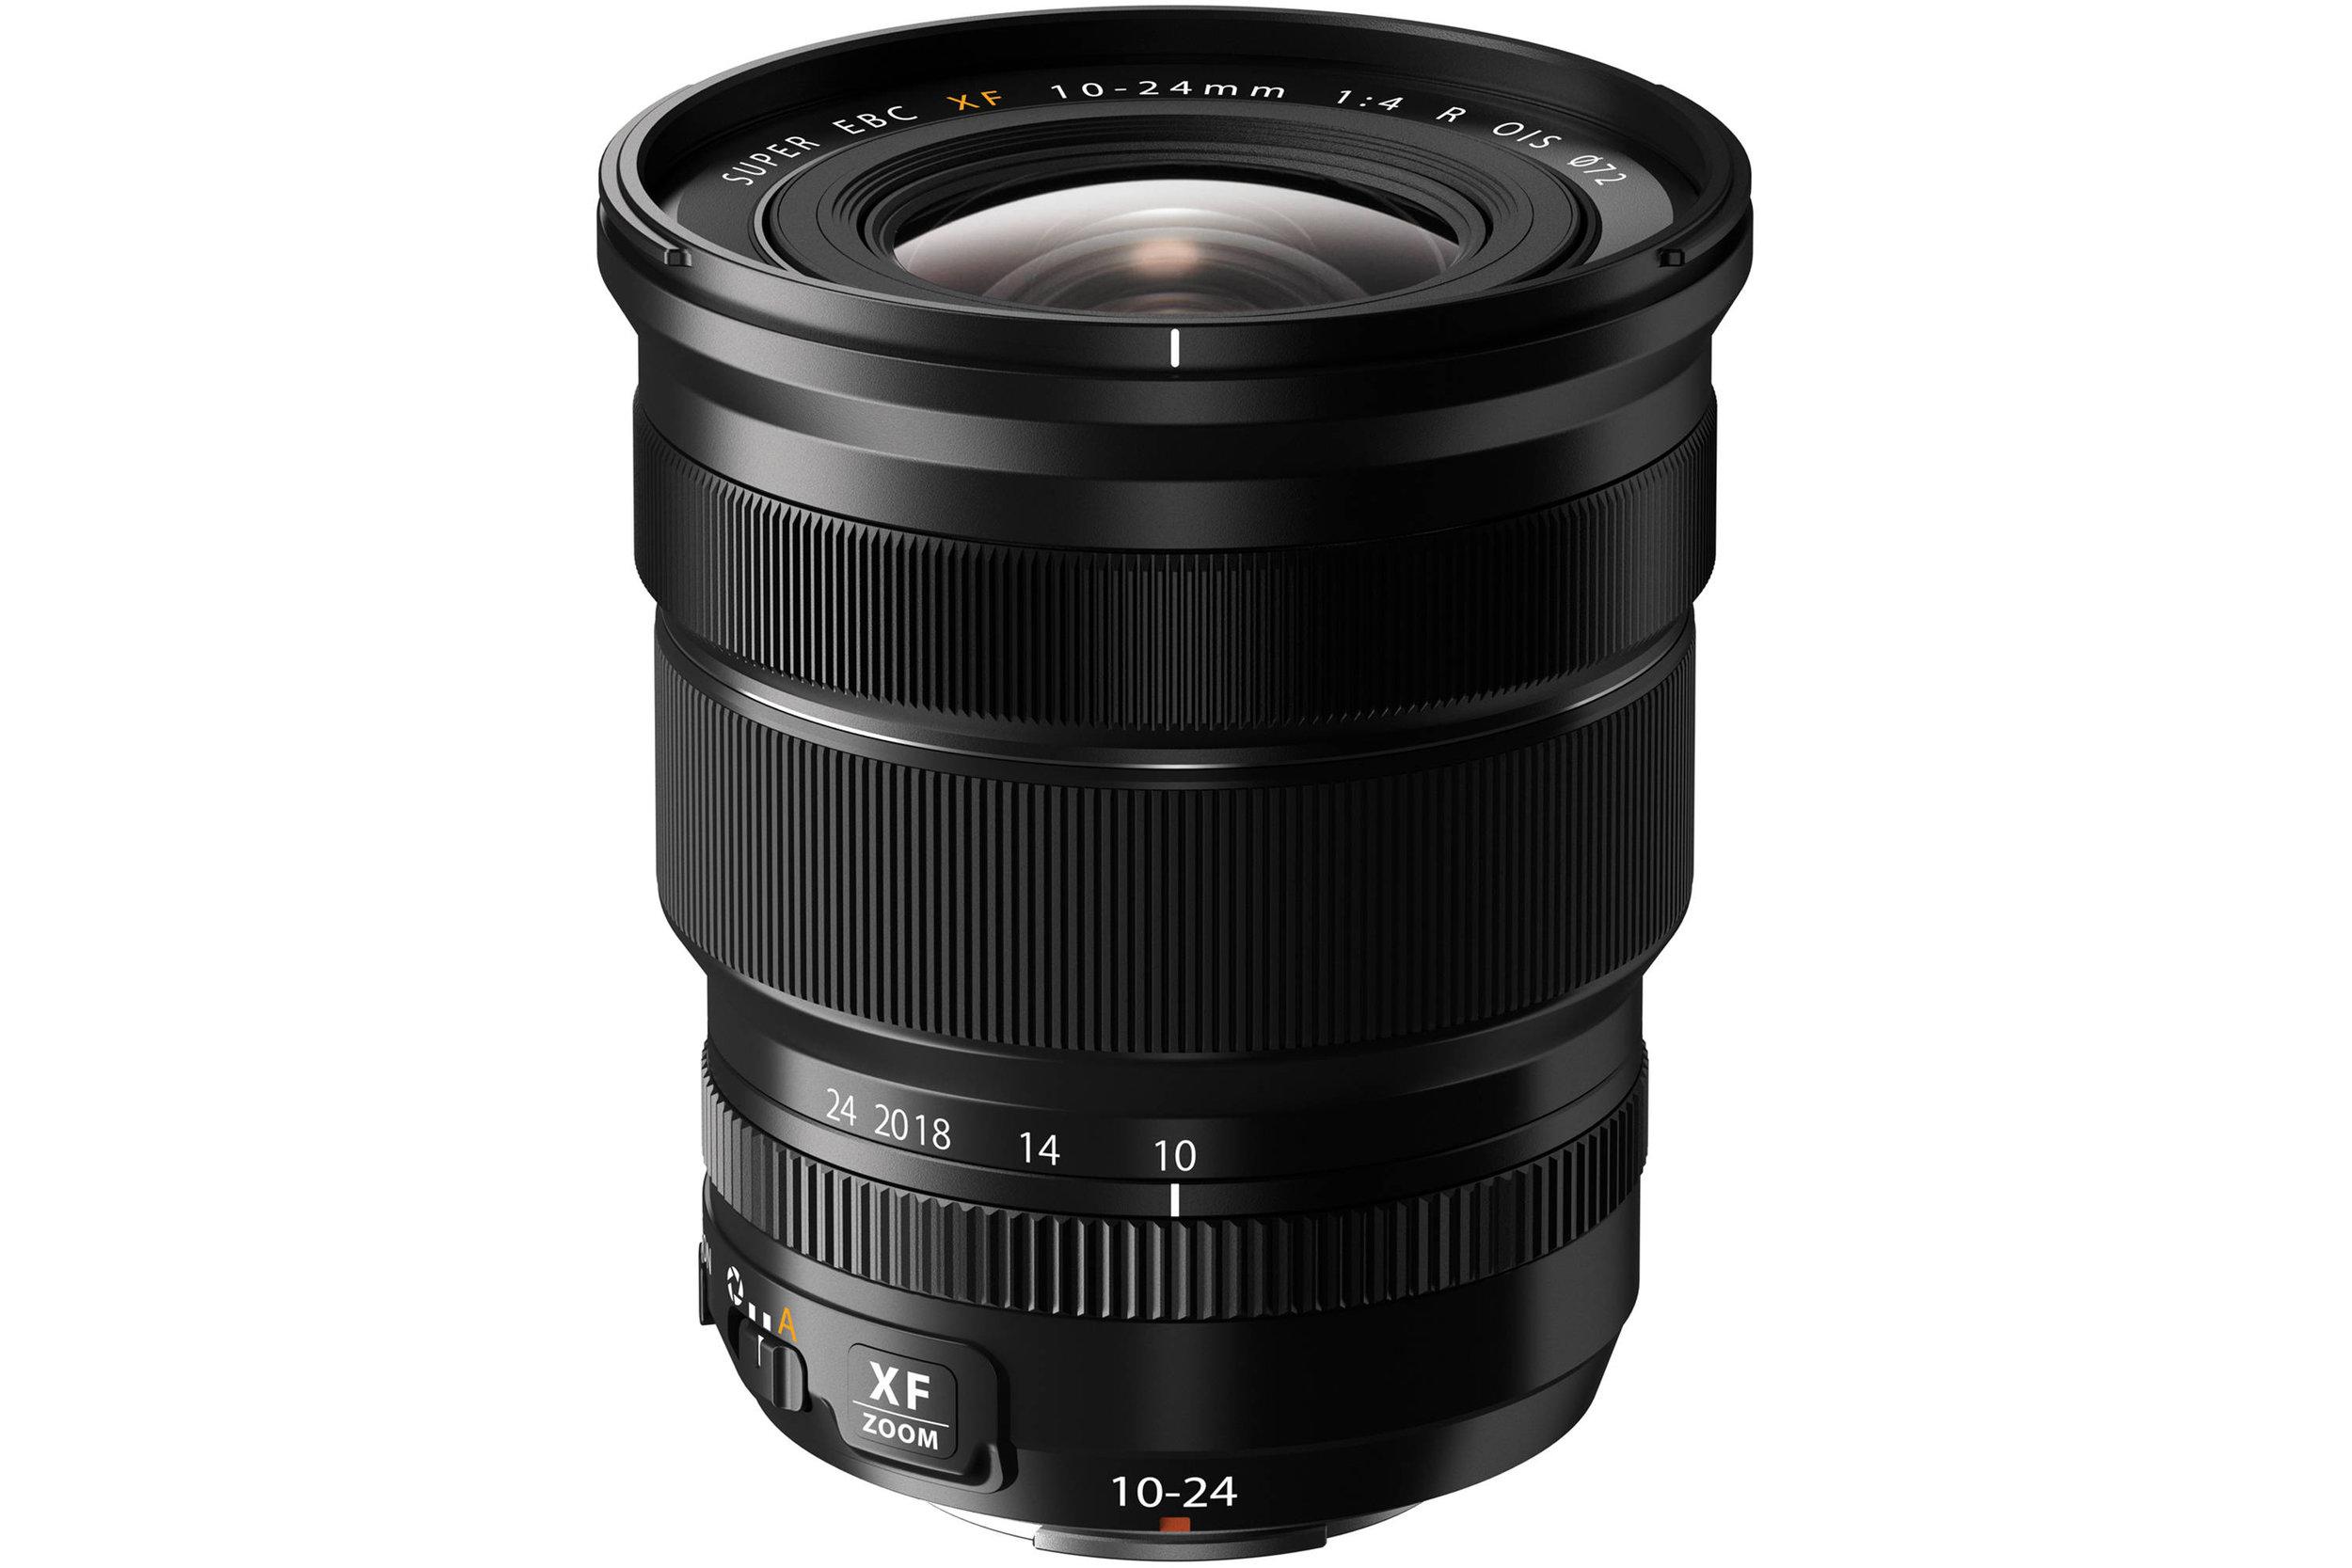 Fujifilm XF 10-24mm lens F4 OIS